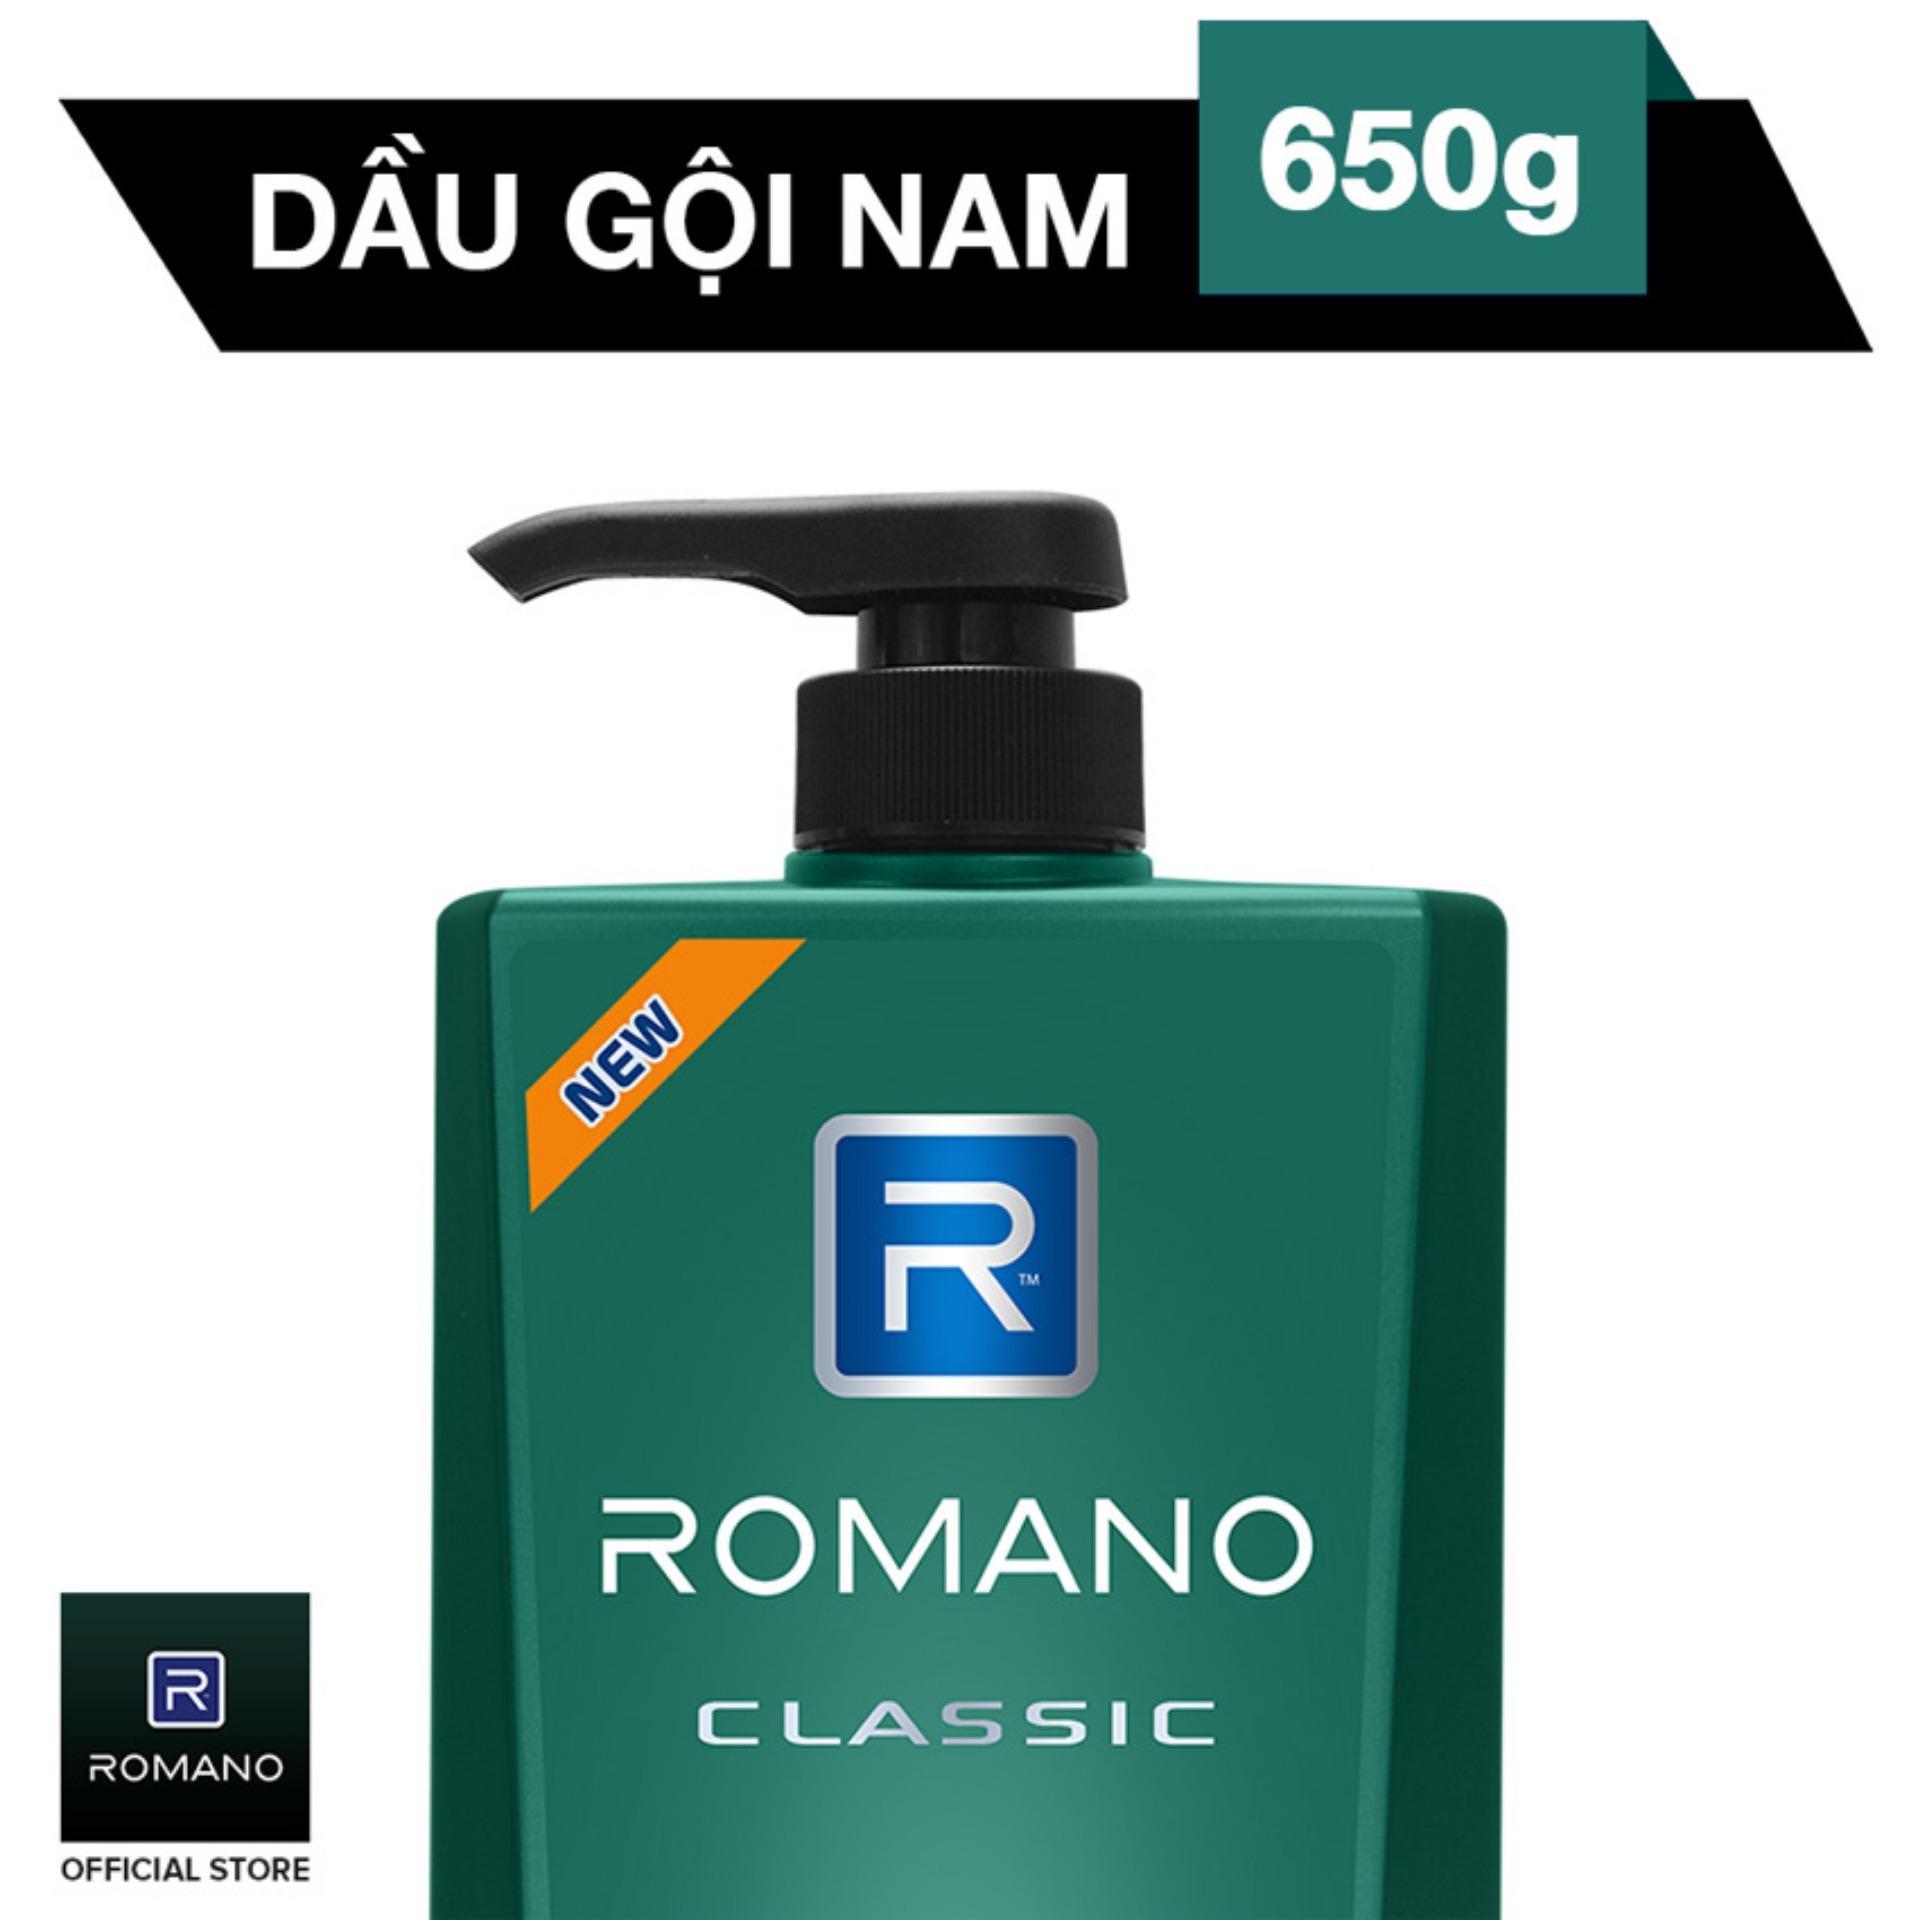 Hình ảnh Romano Dầu Gội Cao Cấp Classic 650g